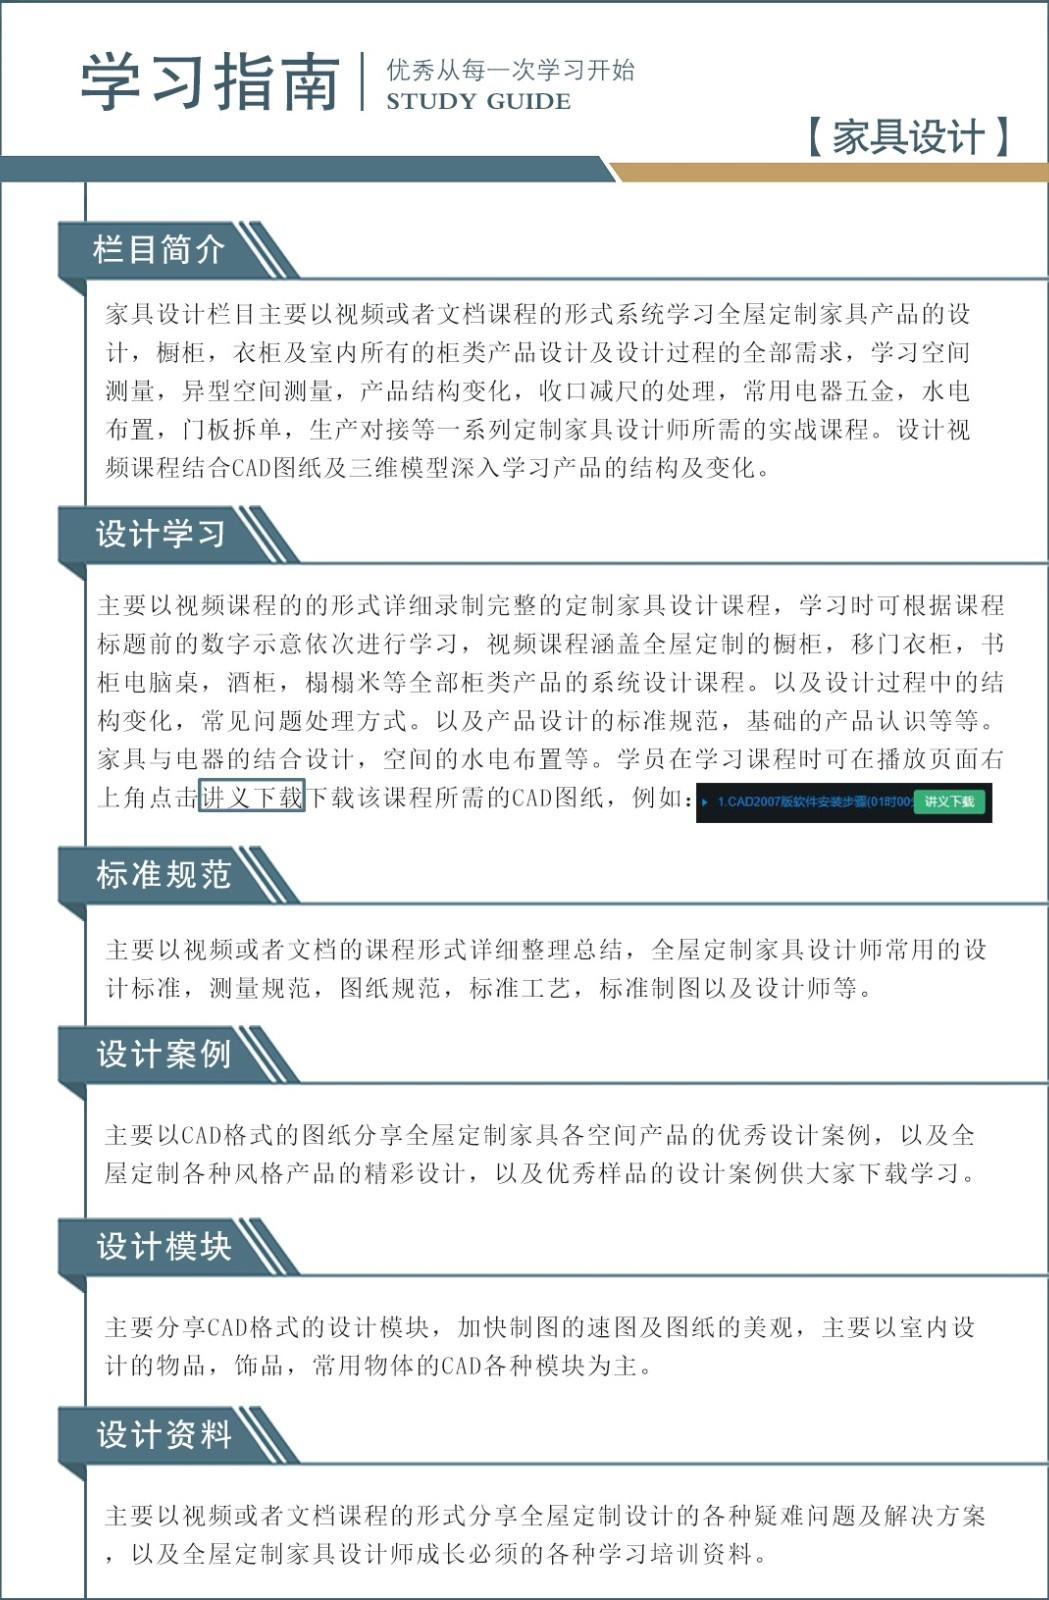 家具设计学习指南_看图王.jpg